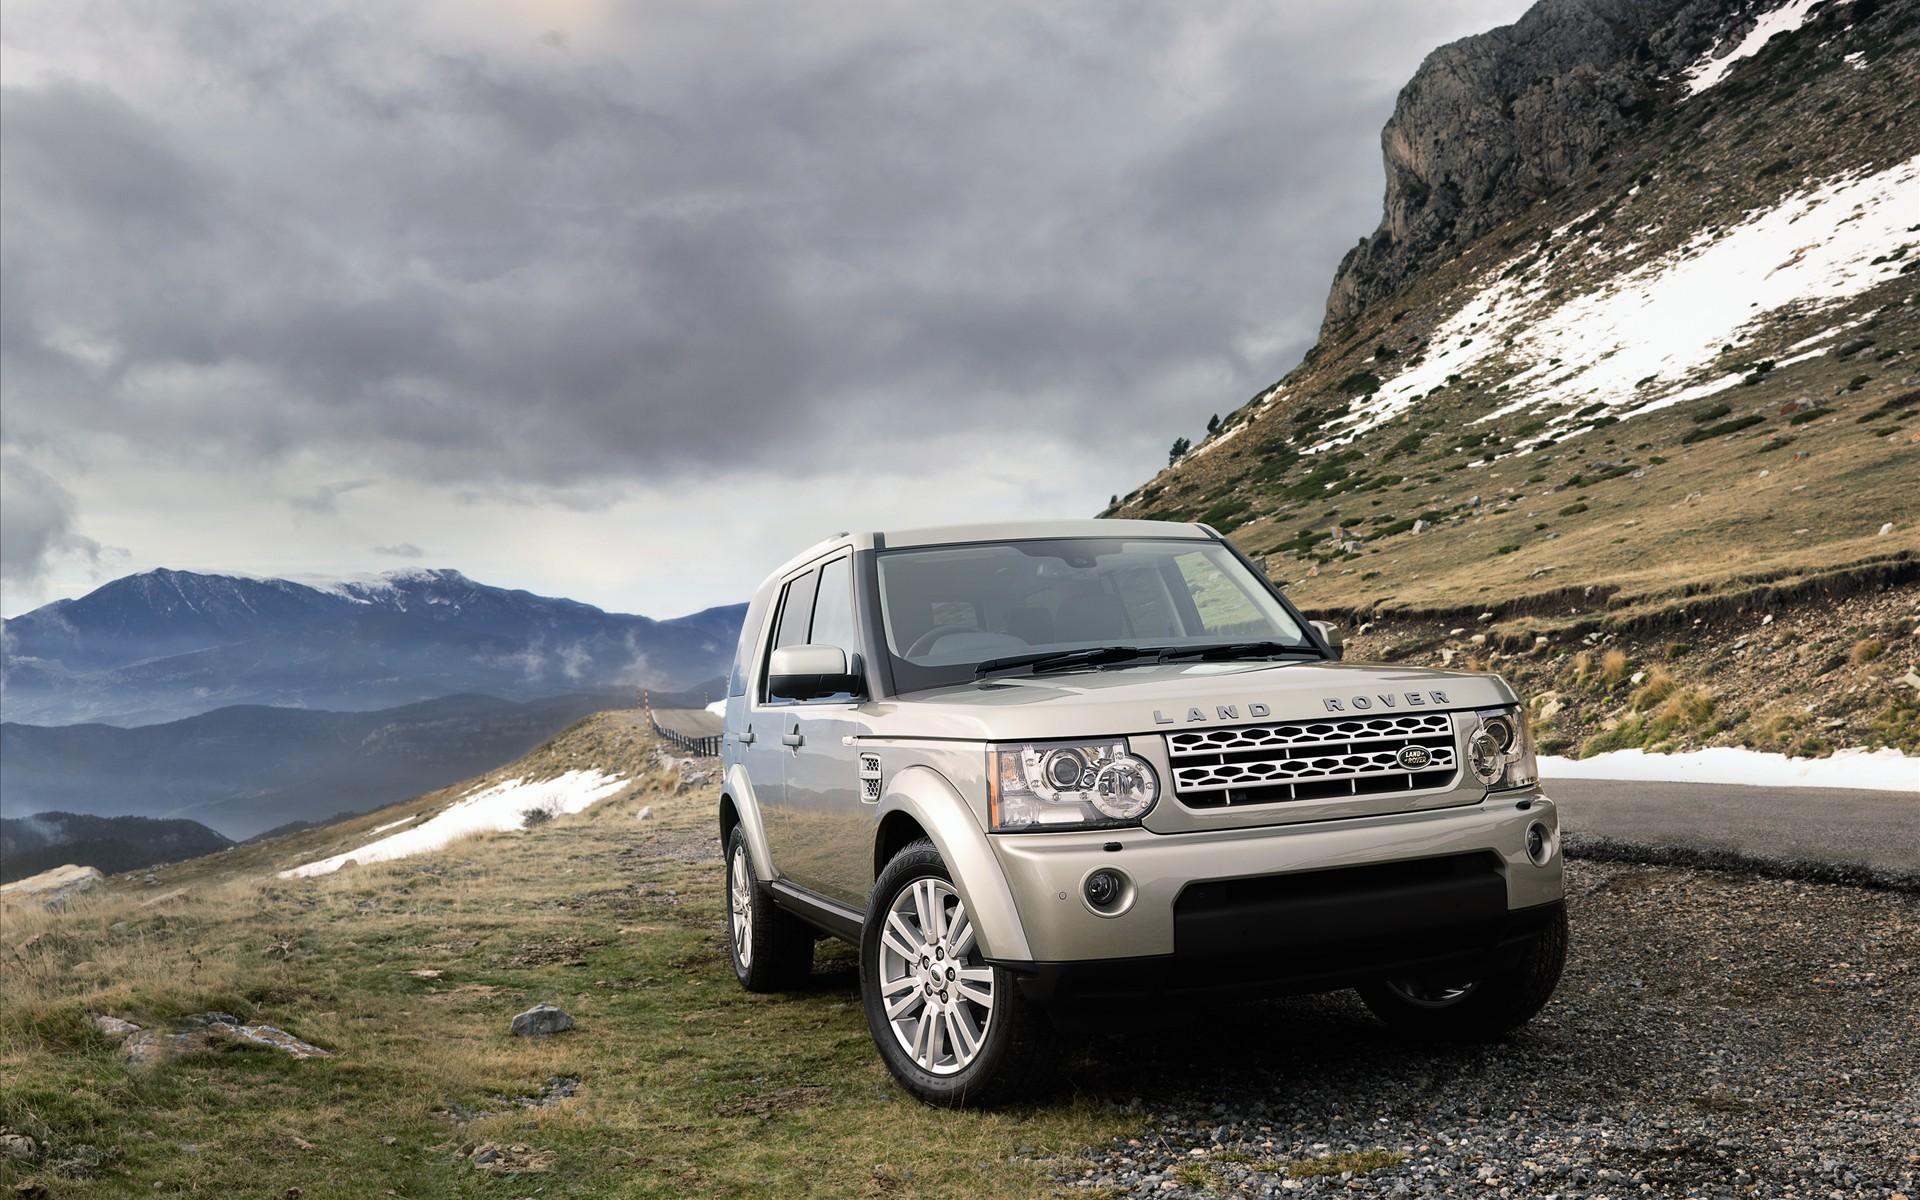 49725 скачать обои Транспорт, Пейзаж, Машины, Горы, Рендж Ровер (Range Rover) - заставки и картинки бесплатно